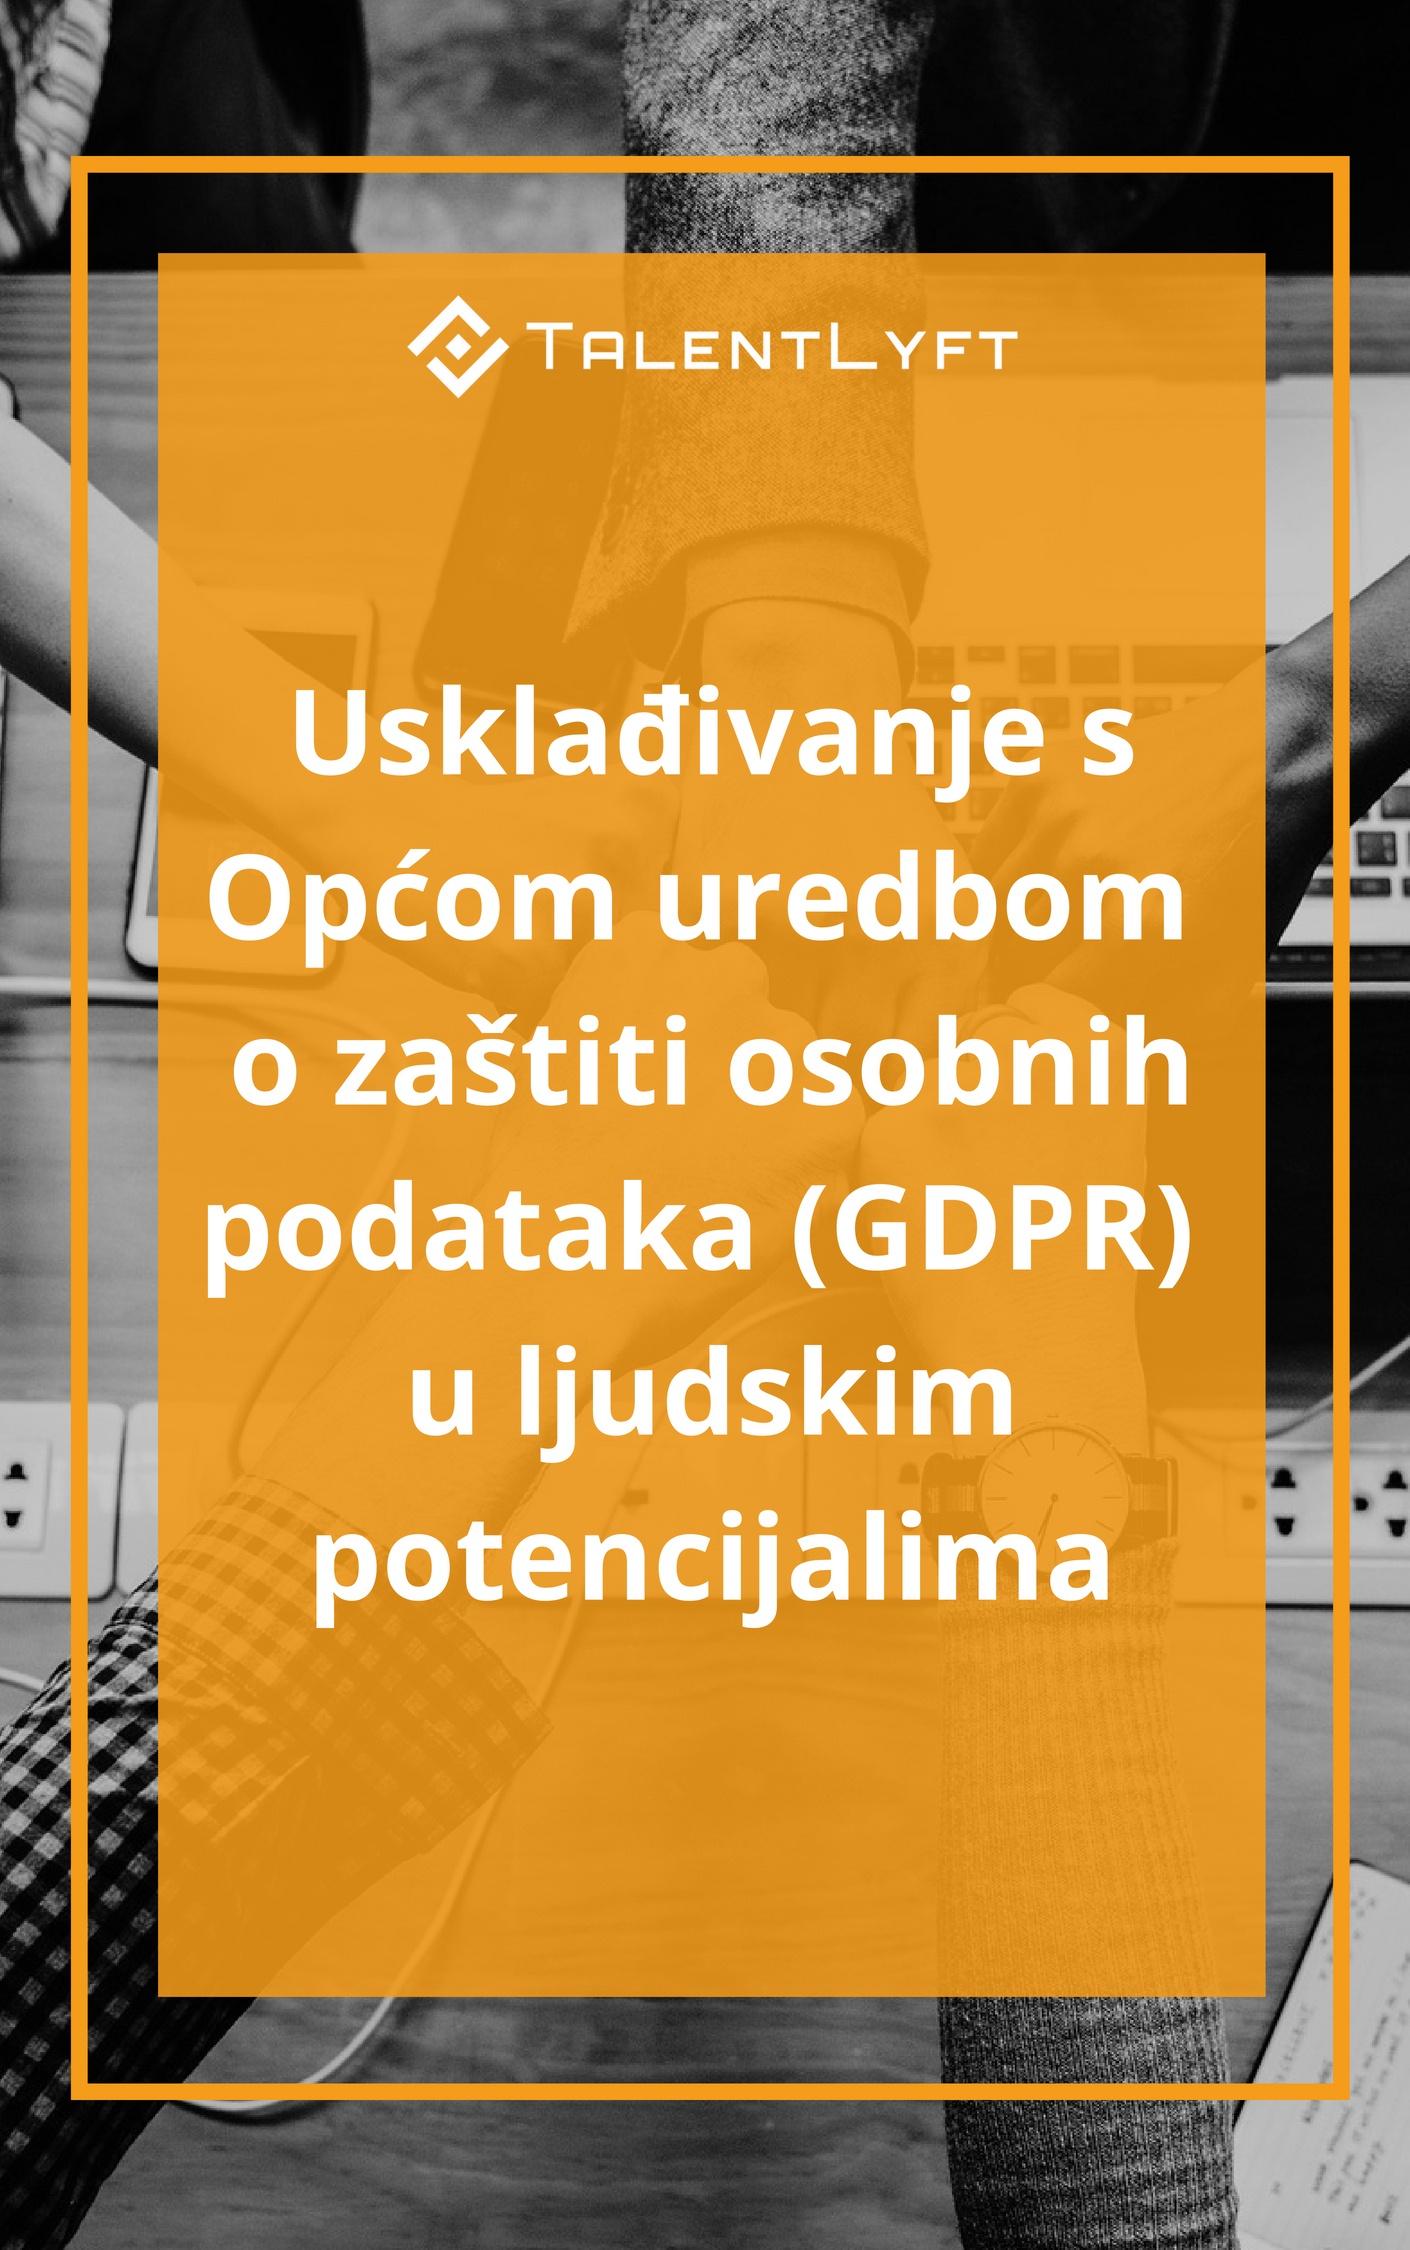 Usklađivanje s Općom uredbom o zaštiti osobnih podataka (GDPR) u ljudskim potencijalima.jpg